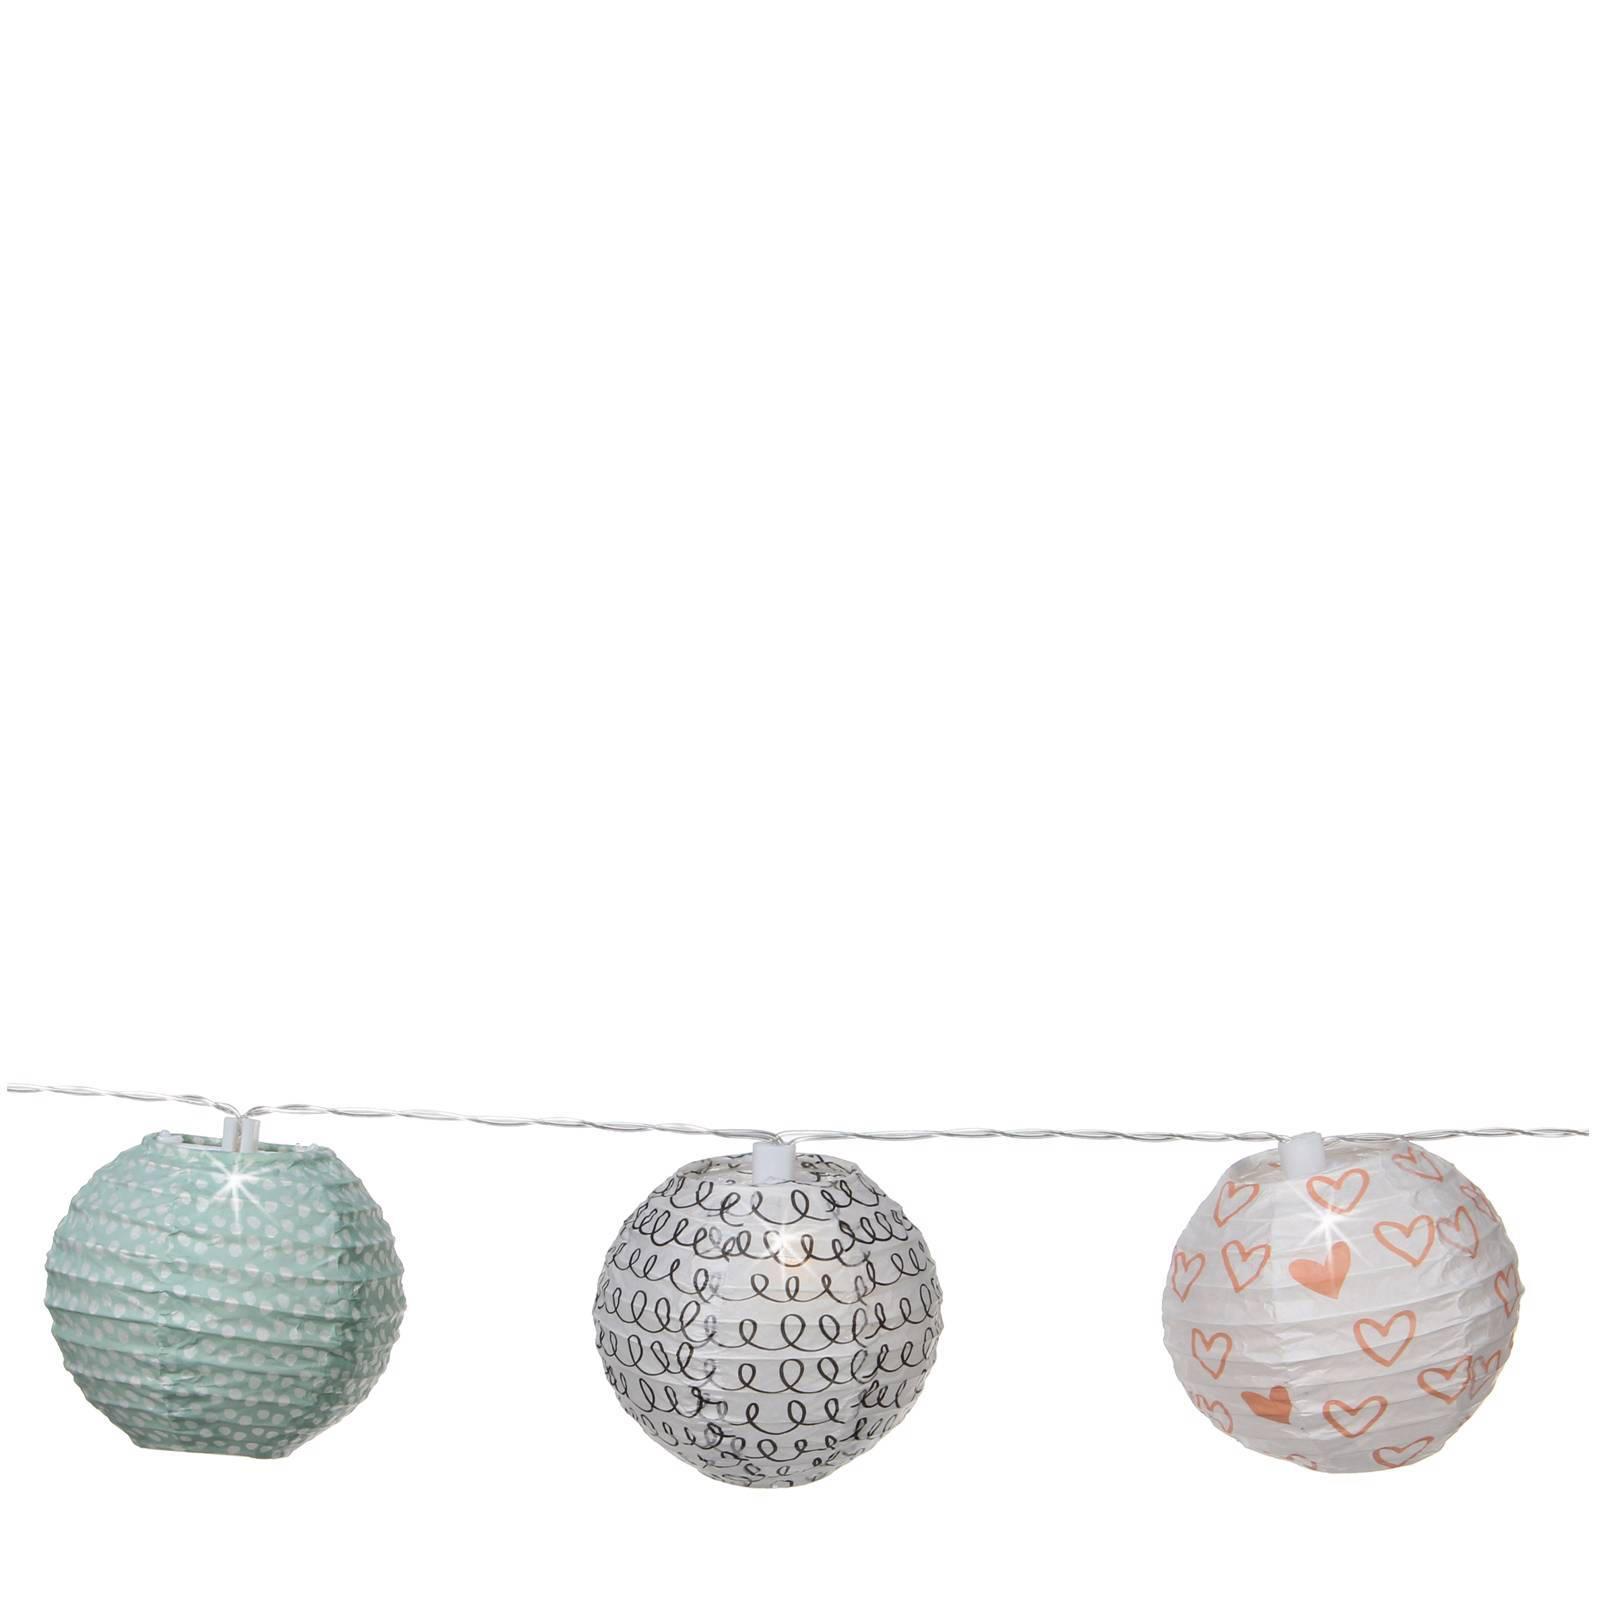 House of Seasons lampionverlichting (snoer 8 stuks) | wehkamp